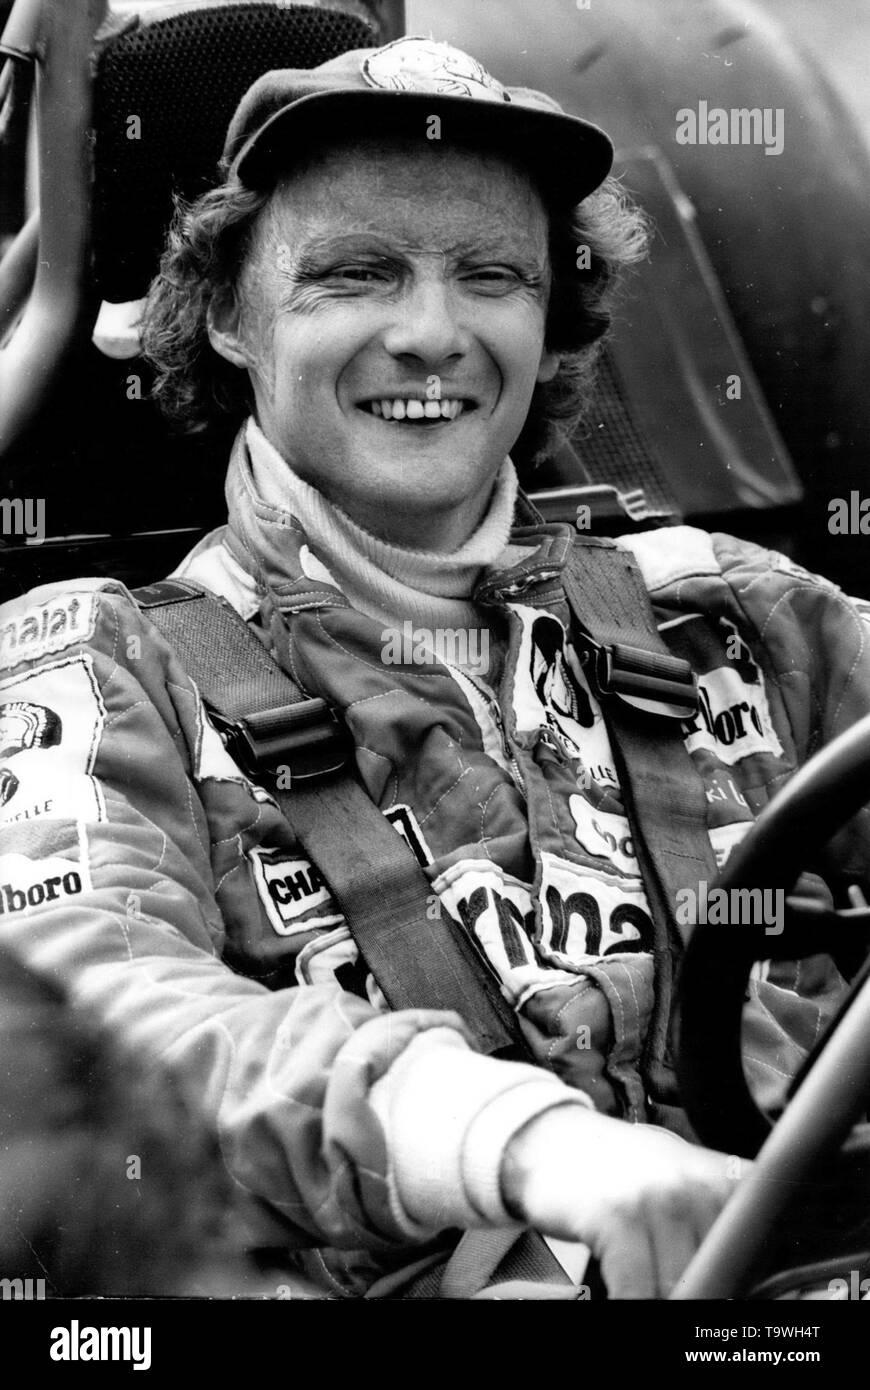 caratteristiche eccezionali godere del prezzo più basso comprare in vendita Niki Lauda 1976 Stock Photos & Niki Lauda 1976 Stock Images - Alamy